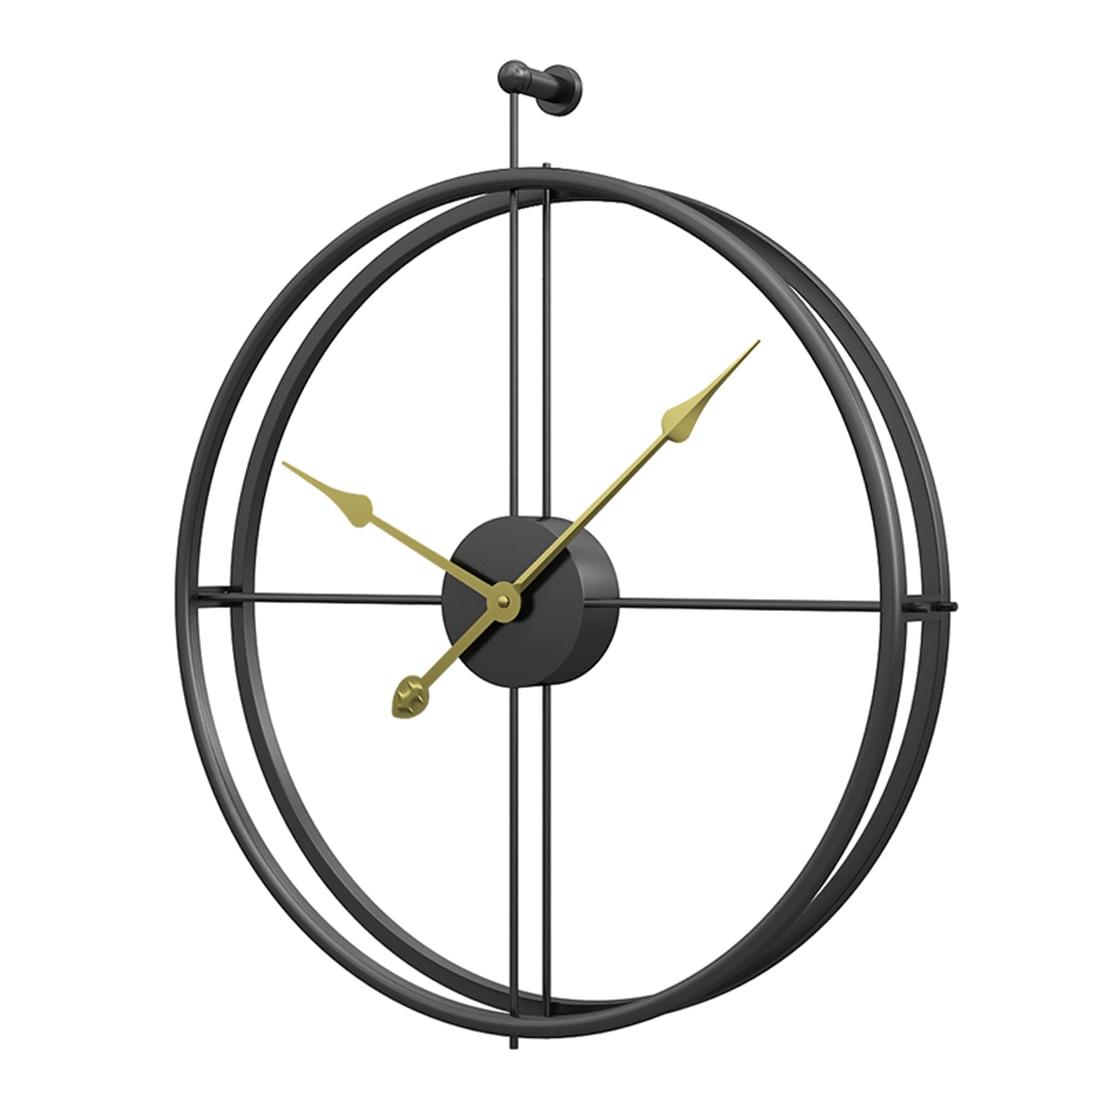 55cm Grande Silêncio Relógio de Parede Design Moderno Relógios de Escritório sala de estar Decoração de Casa em Estilo Europeu Pendurado Relógio de Parede Relógios 2019